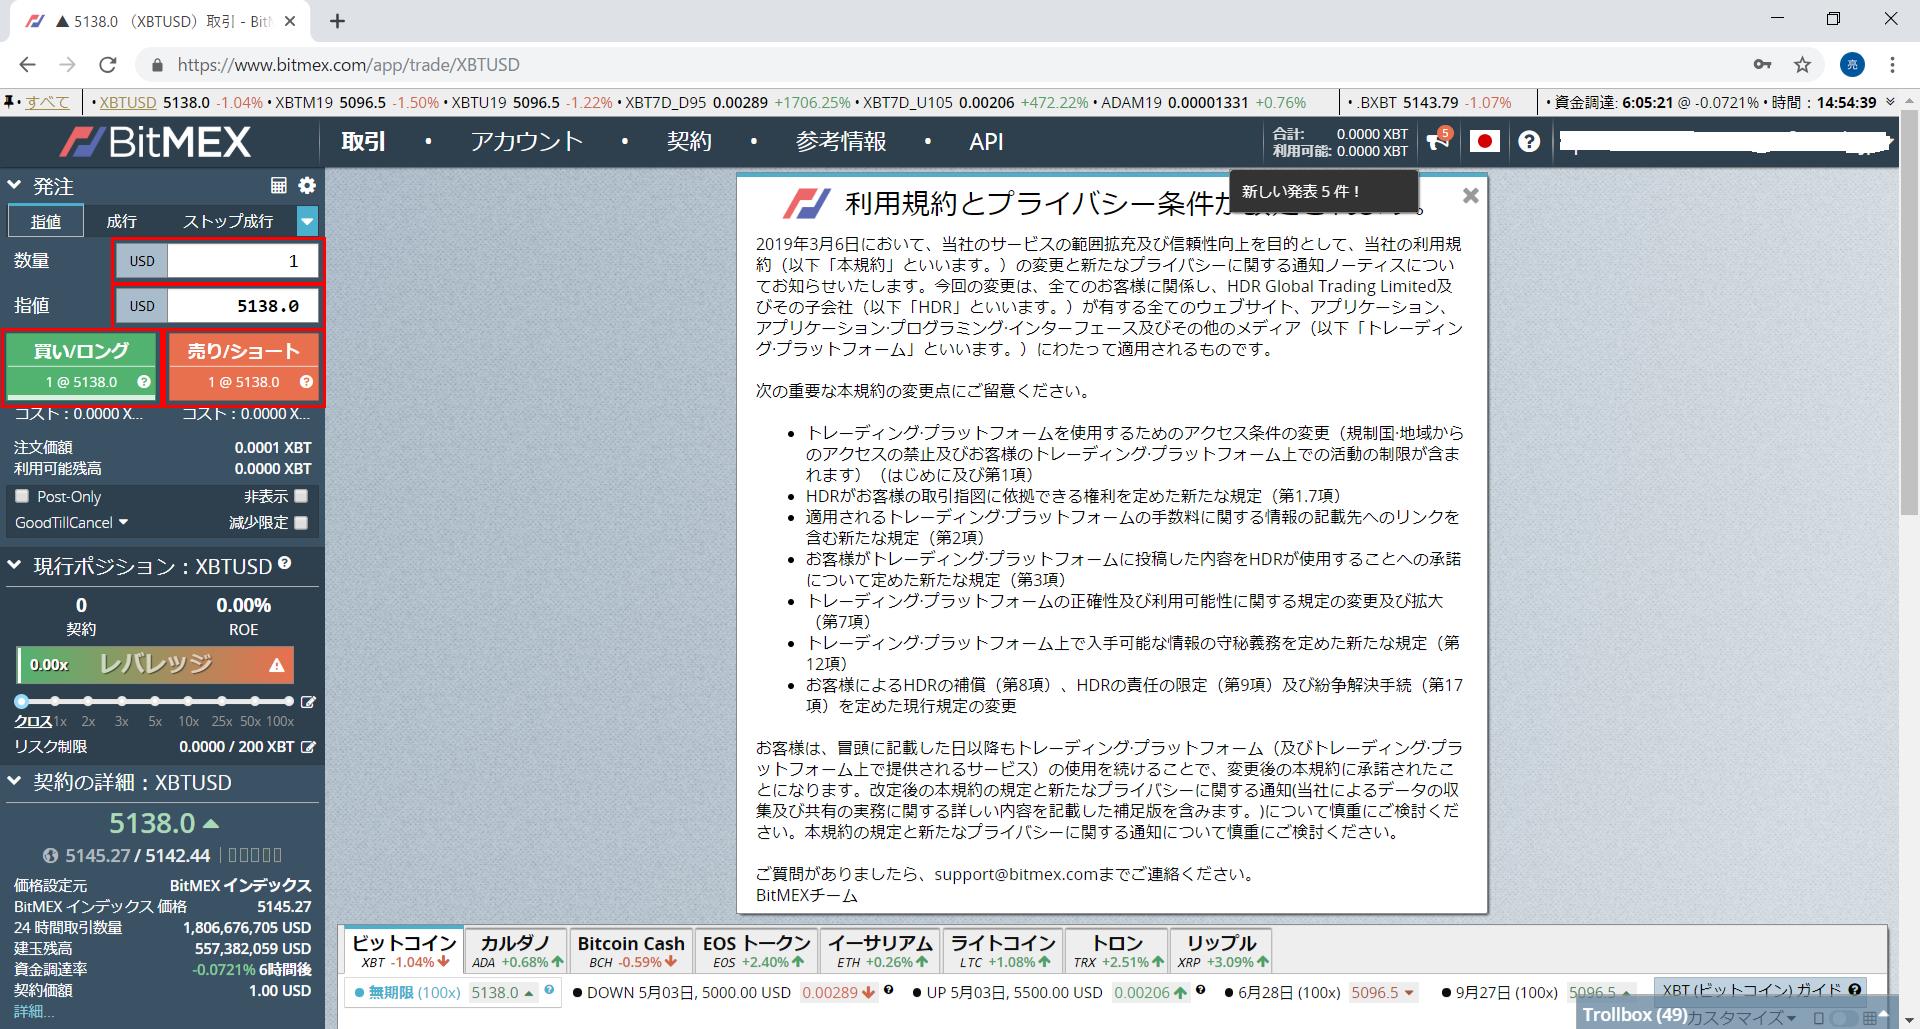 BitMEX使い方